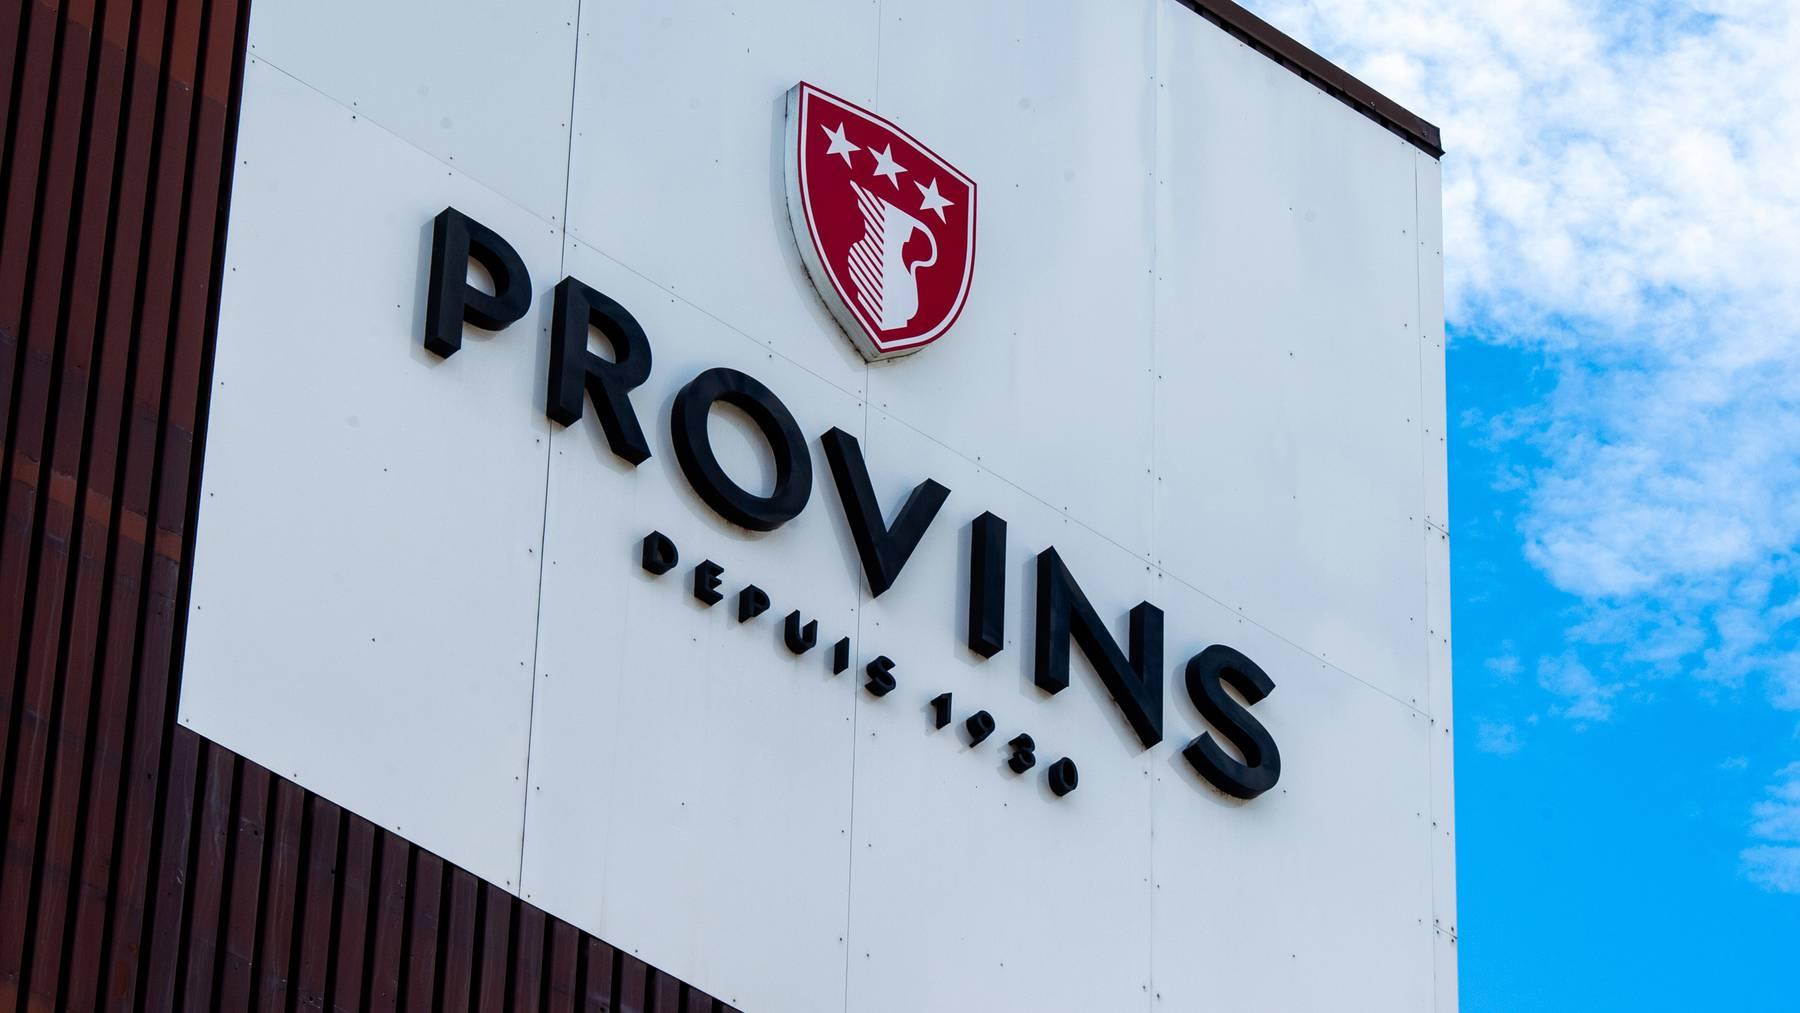 Provins soll auch zukünftig möglichst eigenständig und lokal verankert bleiben.